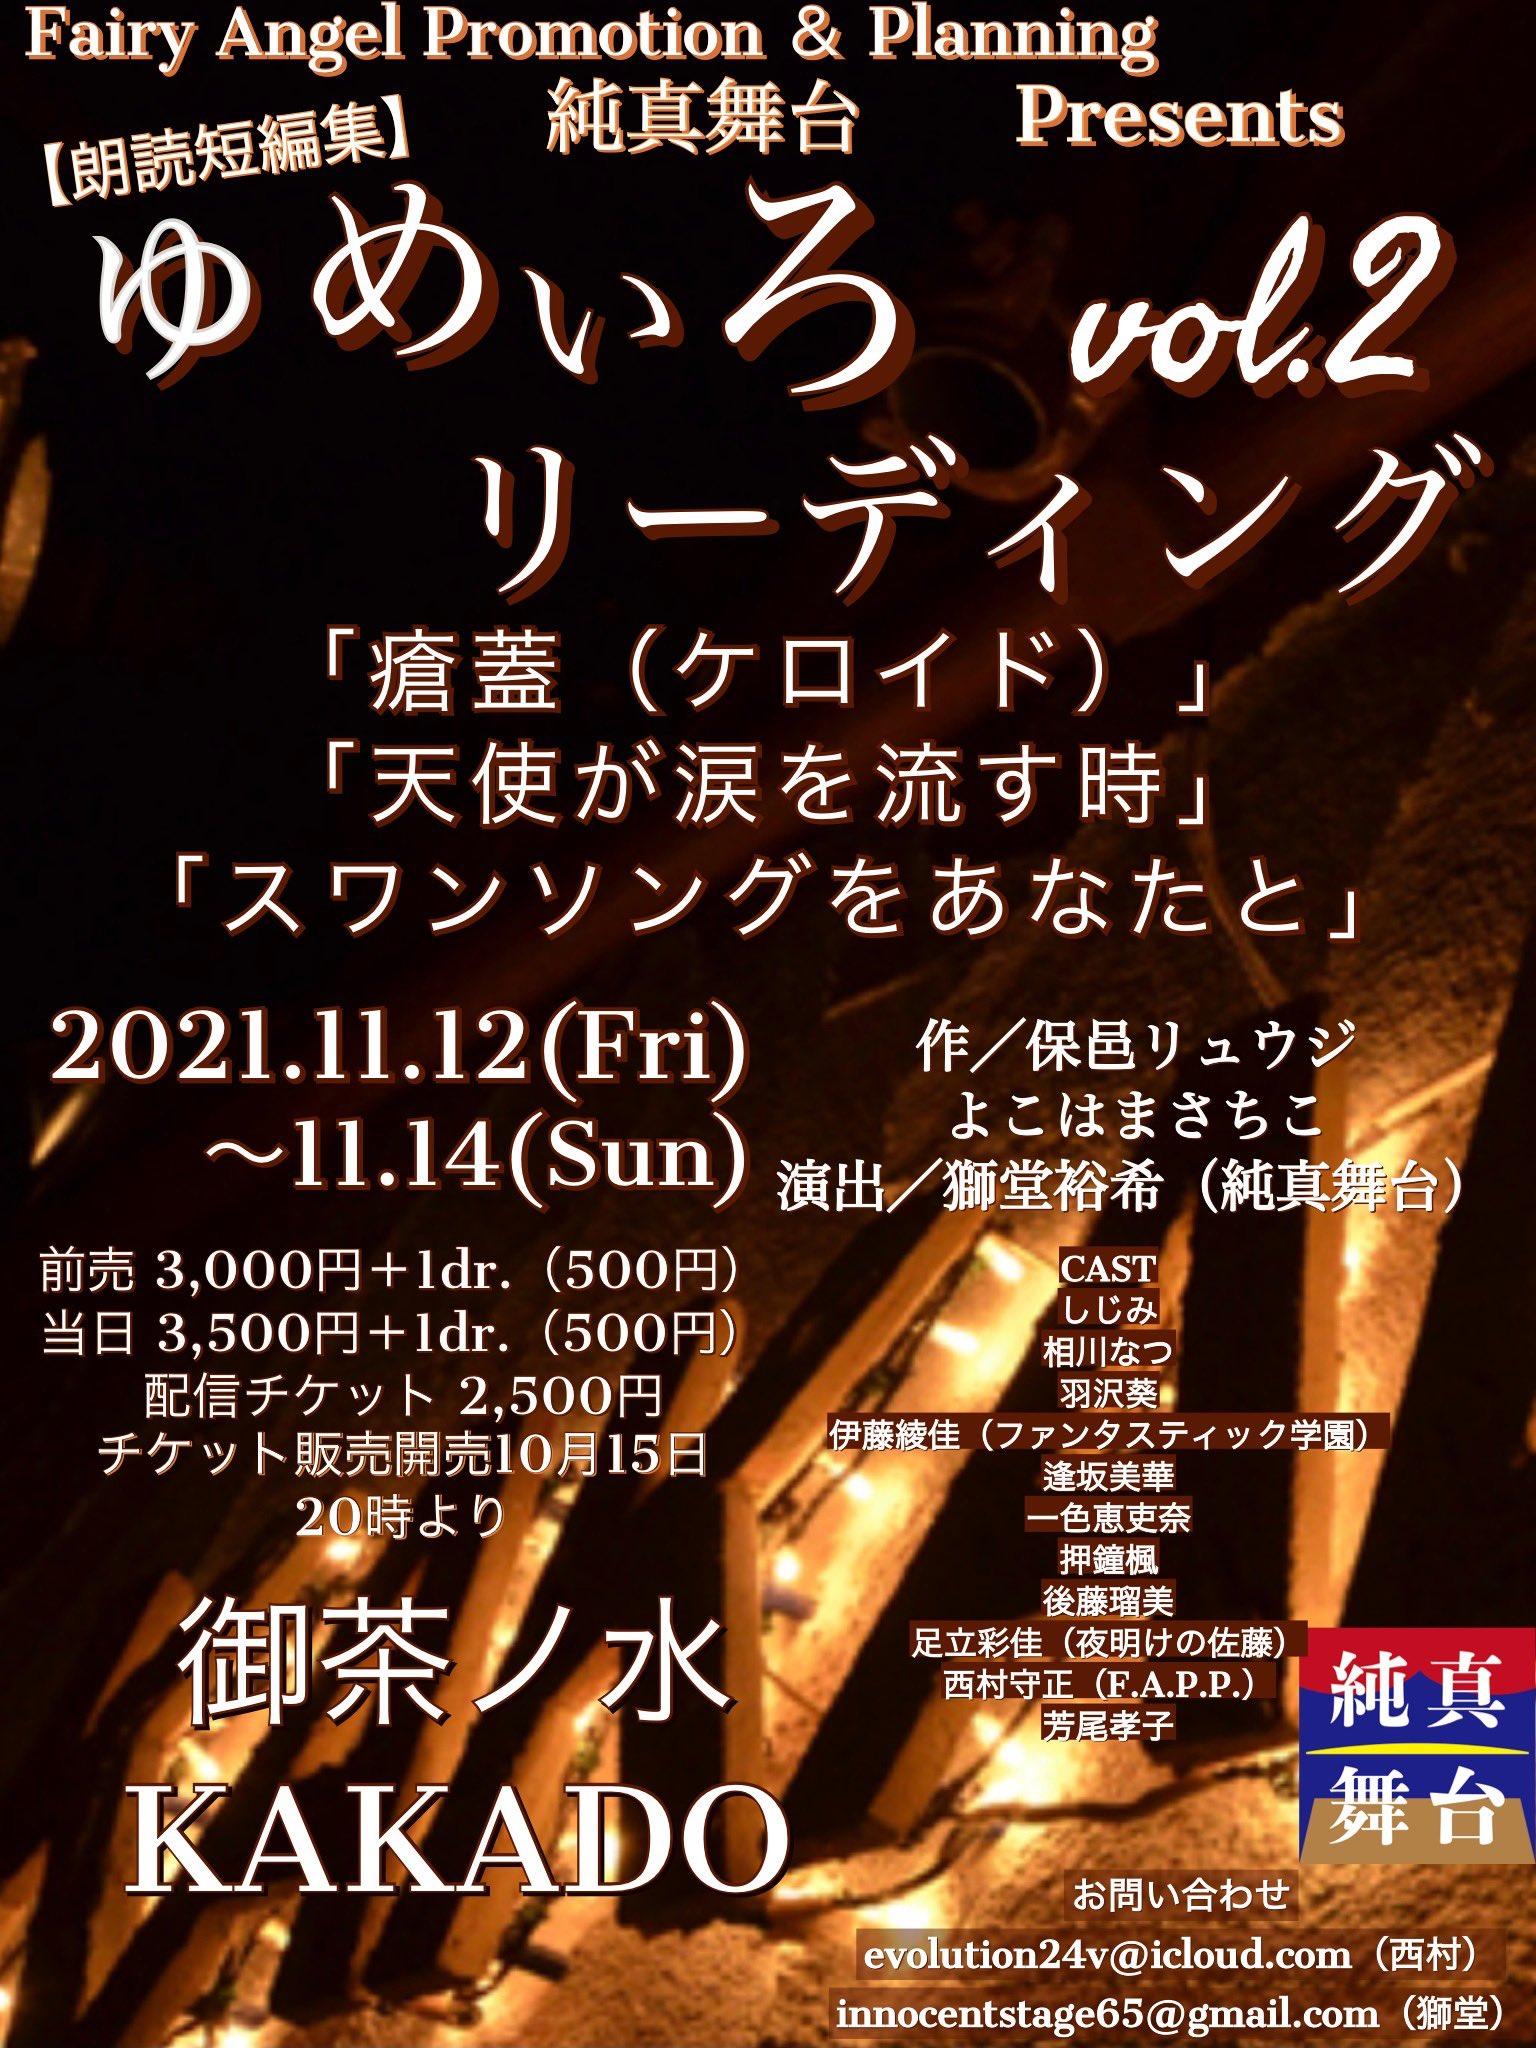 11月12日(金)~14日(日)「ゆめいろリーディングvol.2」に出演します!!!